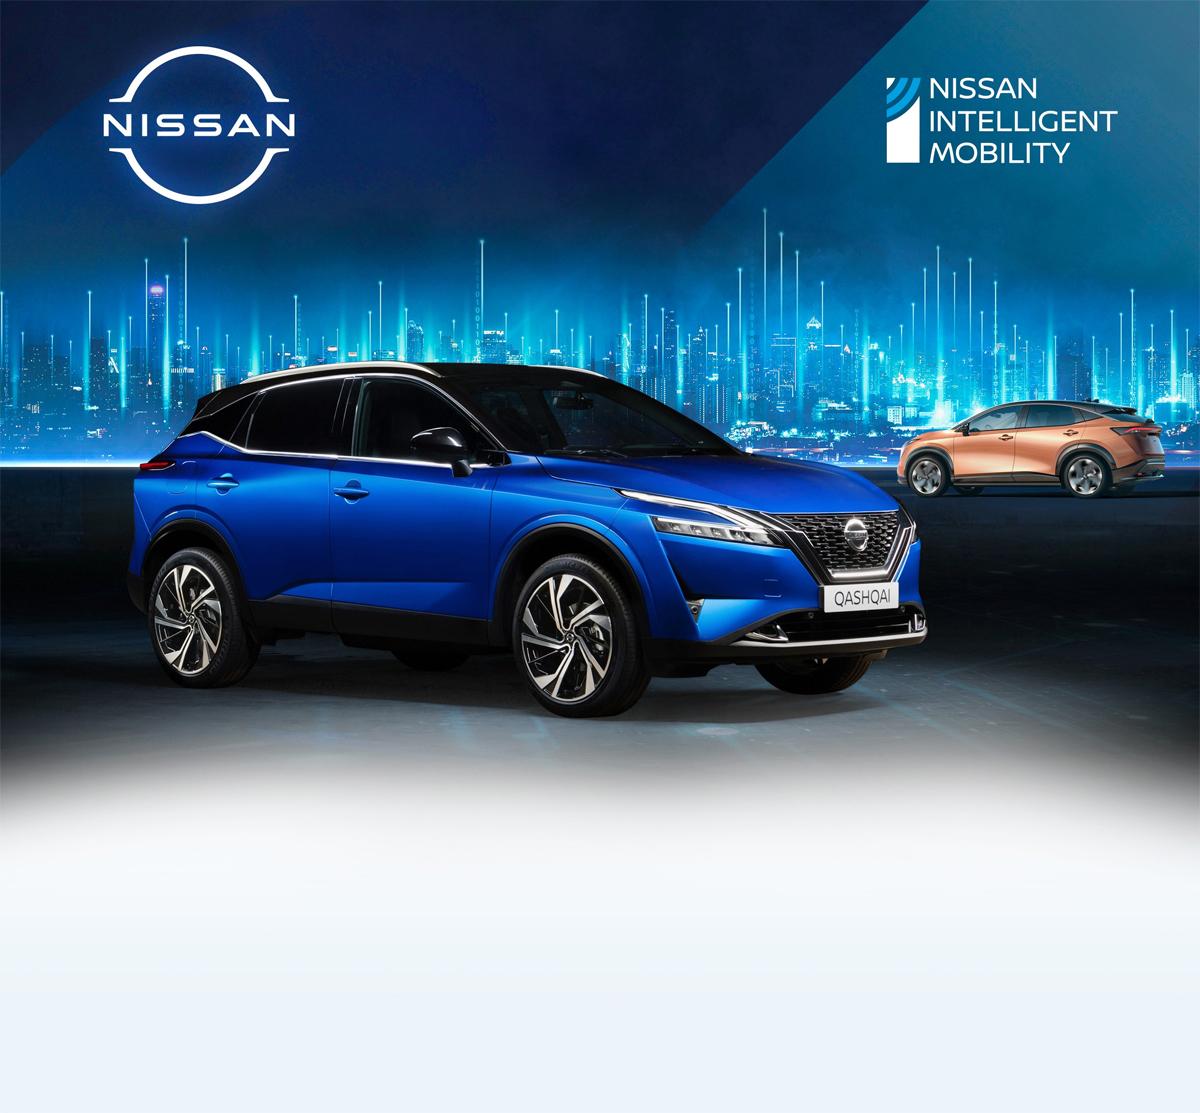 El mercado de vehículos electrificados crecerá este año alrededor de un 40% y alcanzará una cuota sobre el mercado total del 6%.